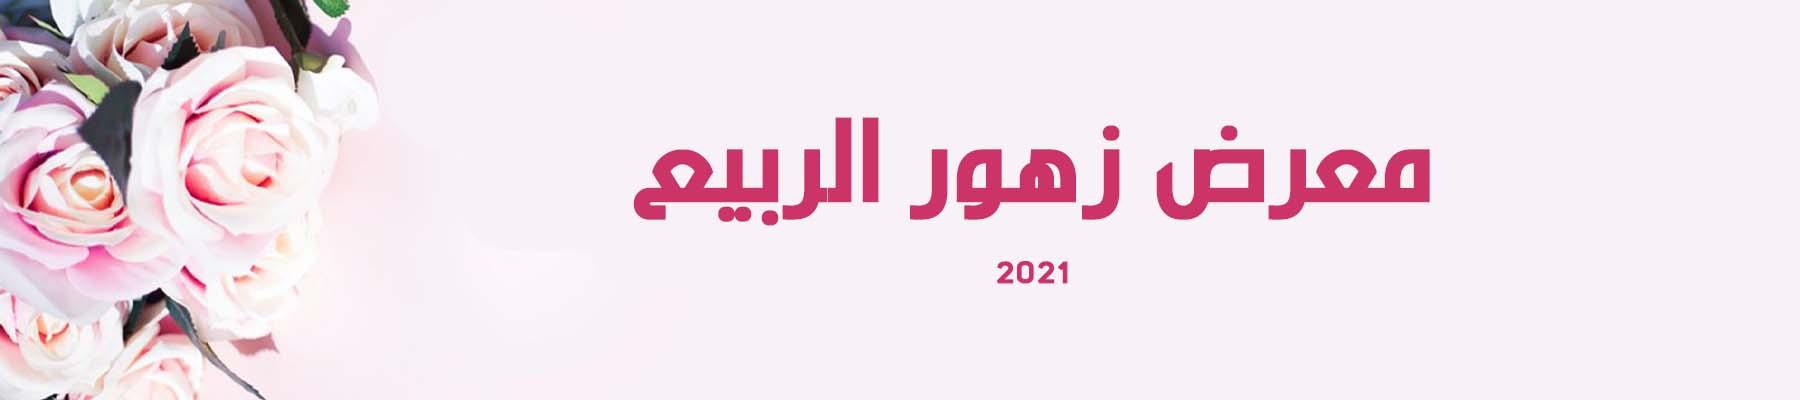 معرض زهور الربيع 2021 - elghabh